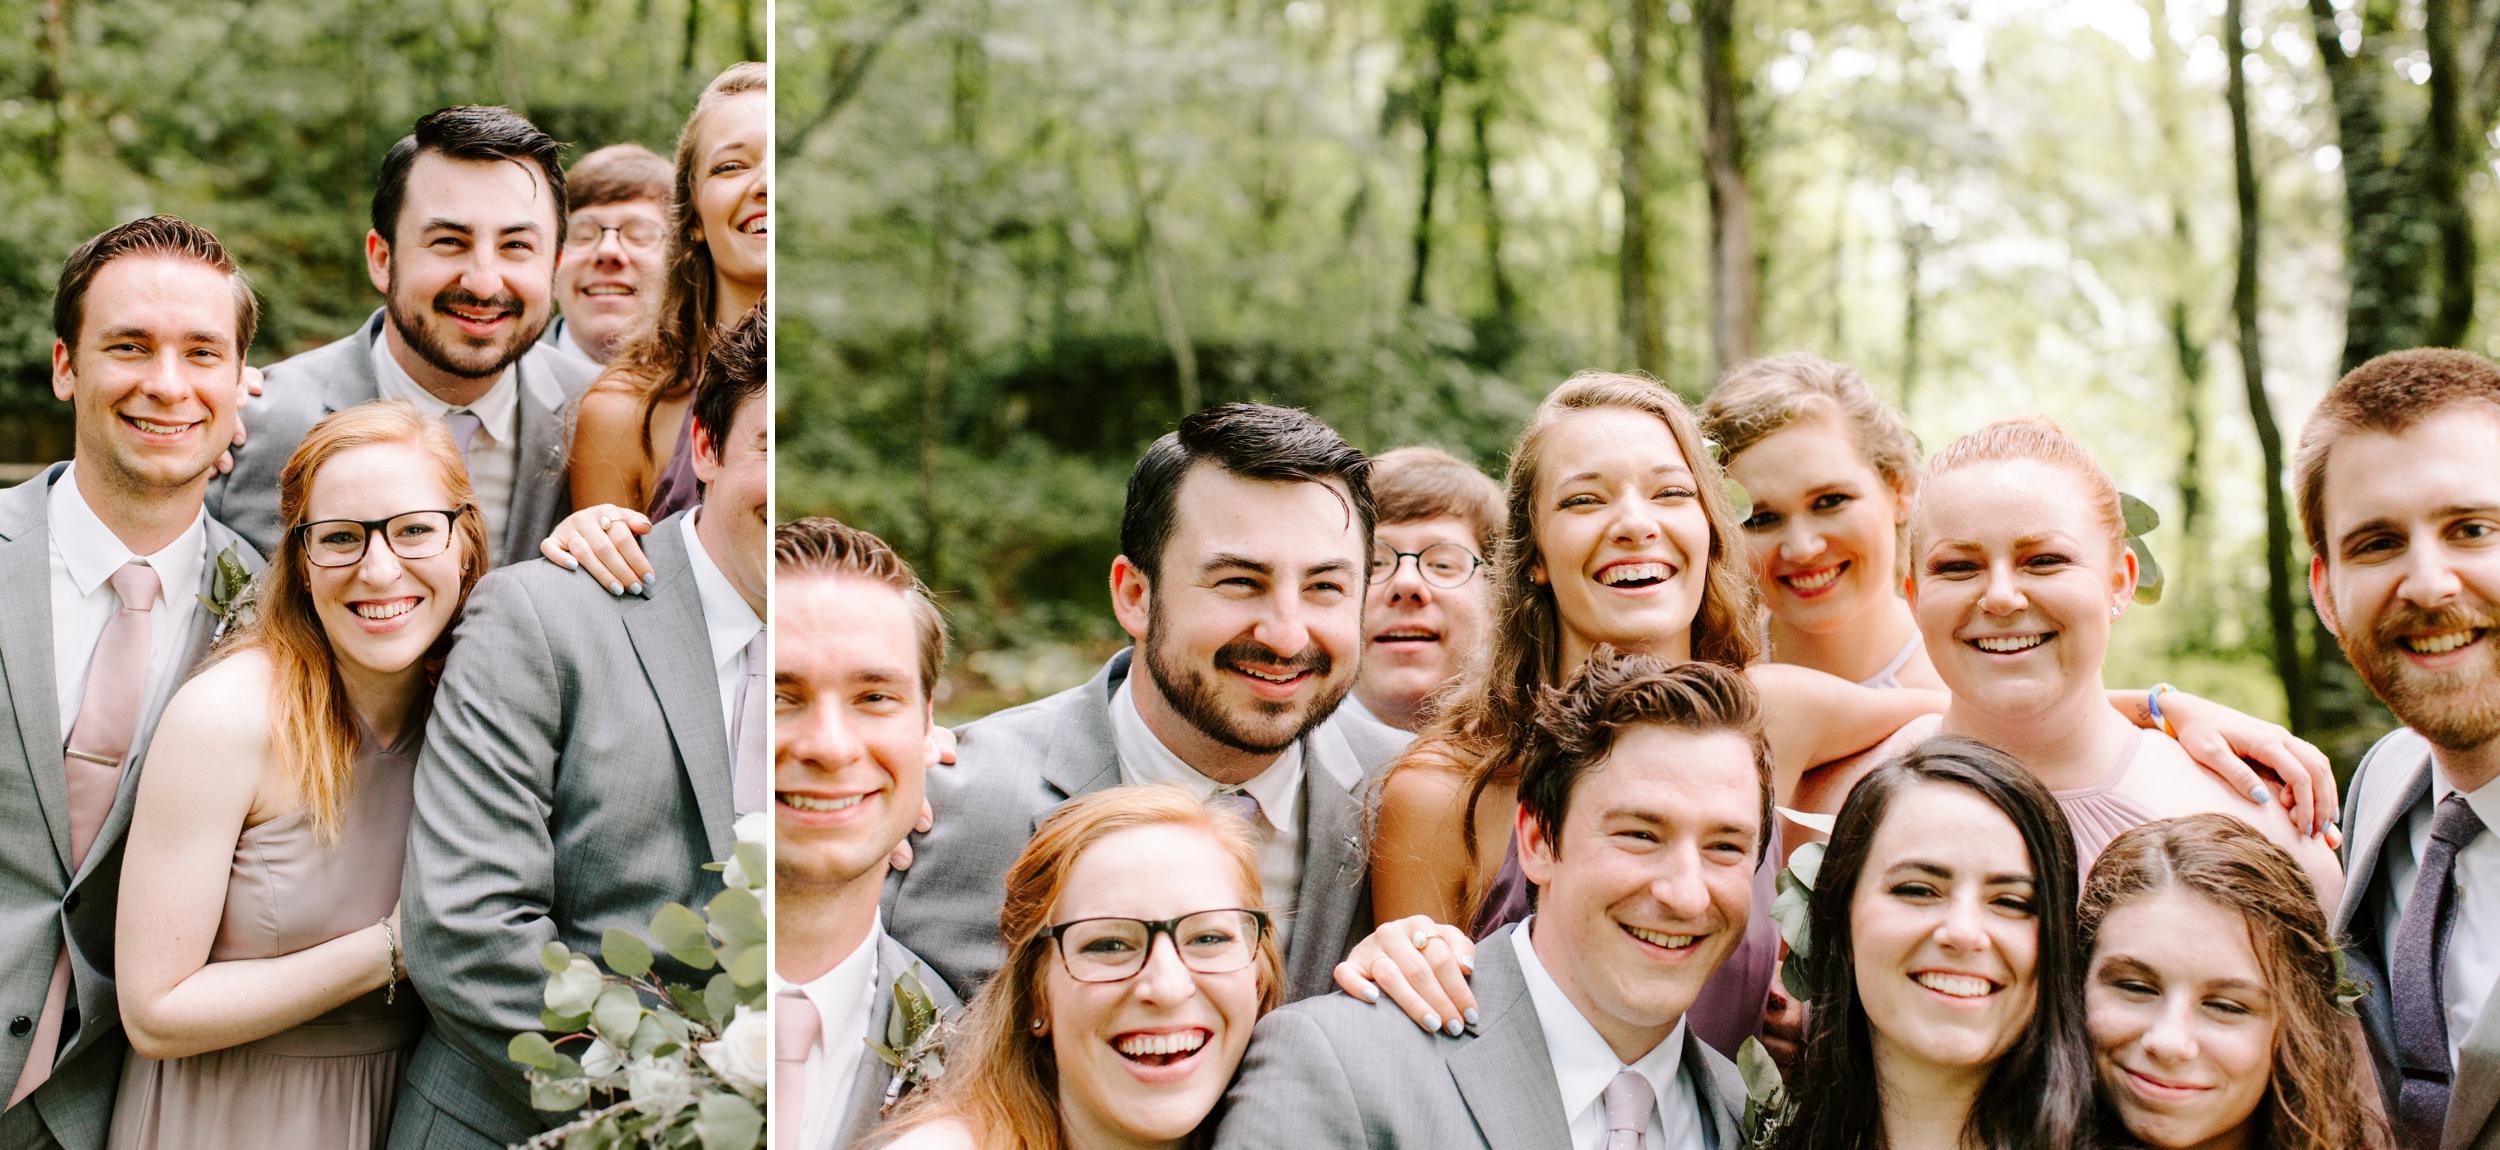 daras-garden-wedding-party.jpg